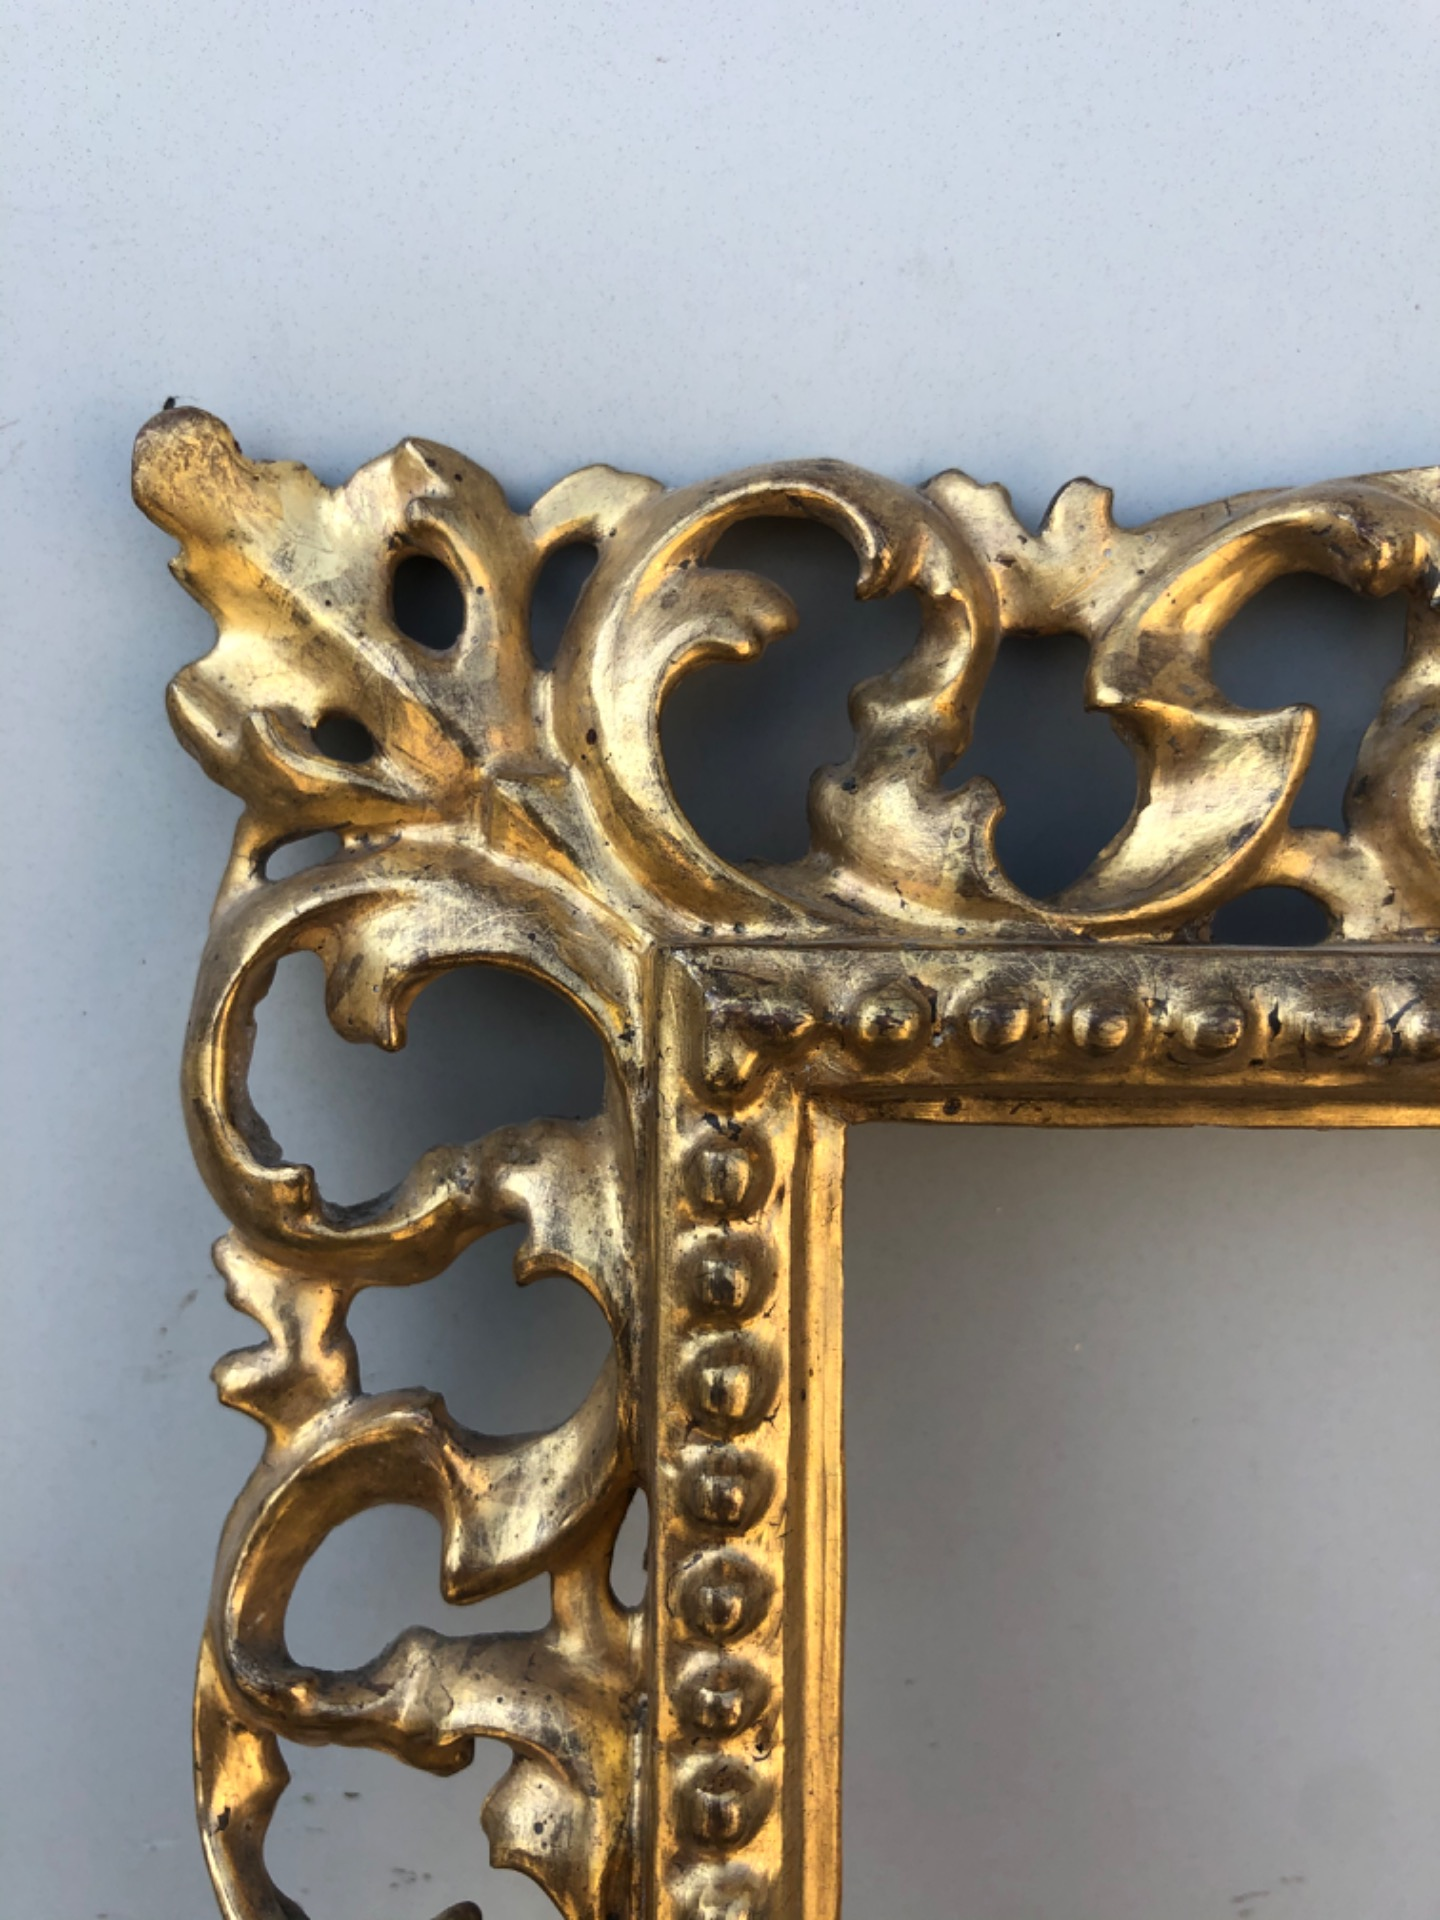 thumb2|Cornice a cartoccio in legno intagliato,traforato e foglia oro.Firenze.